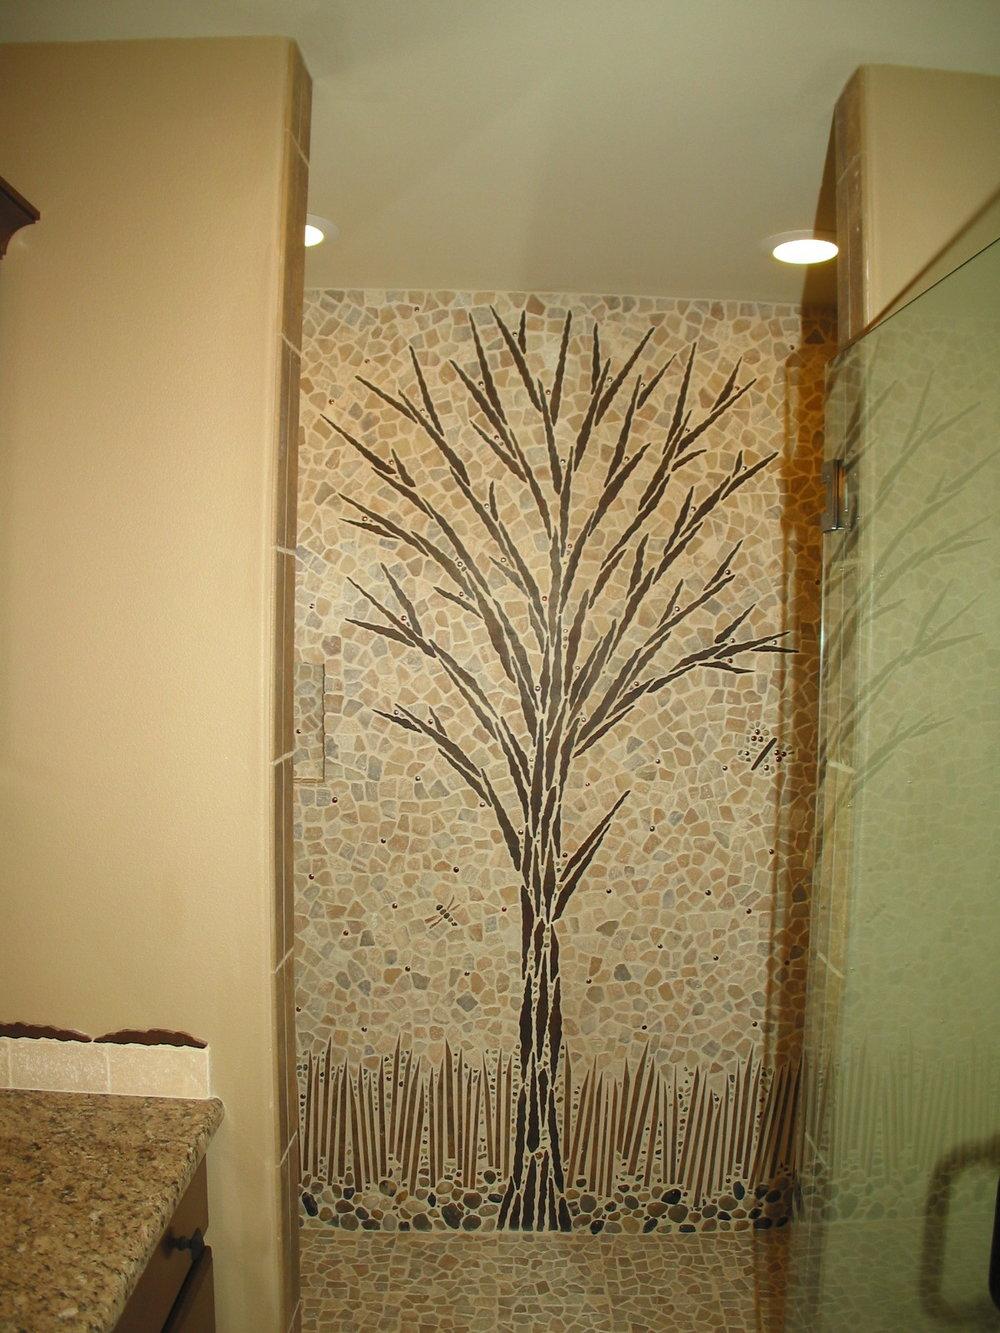 6 Hand Cut Tile Mosaic by Artist Kimberlee Rocca.jpg